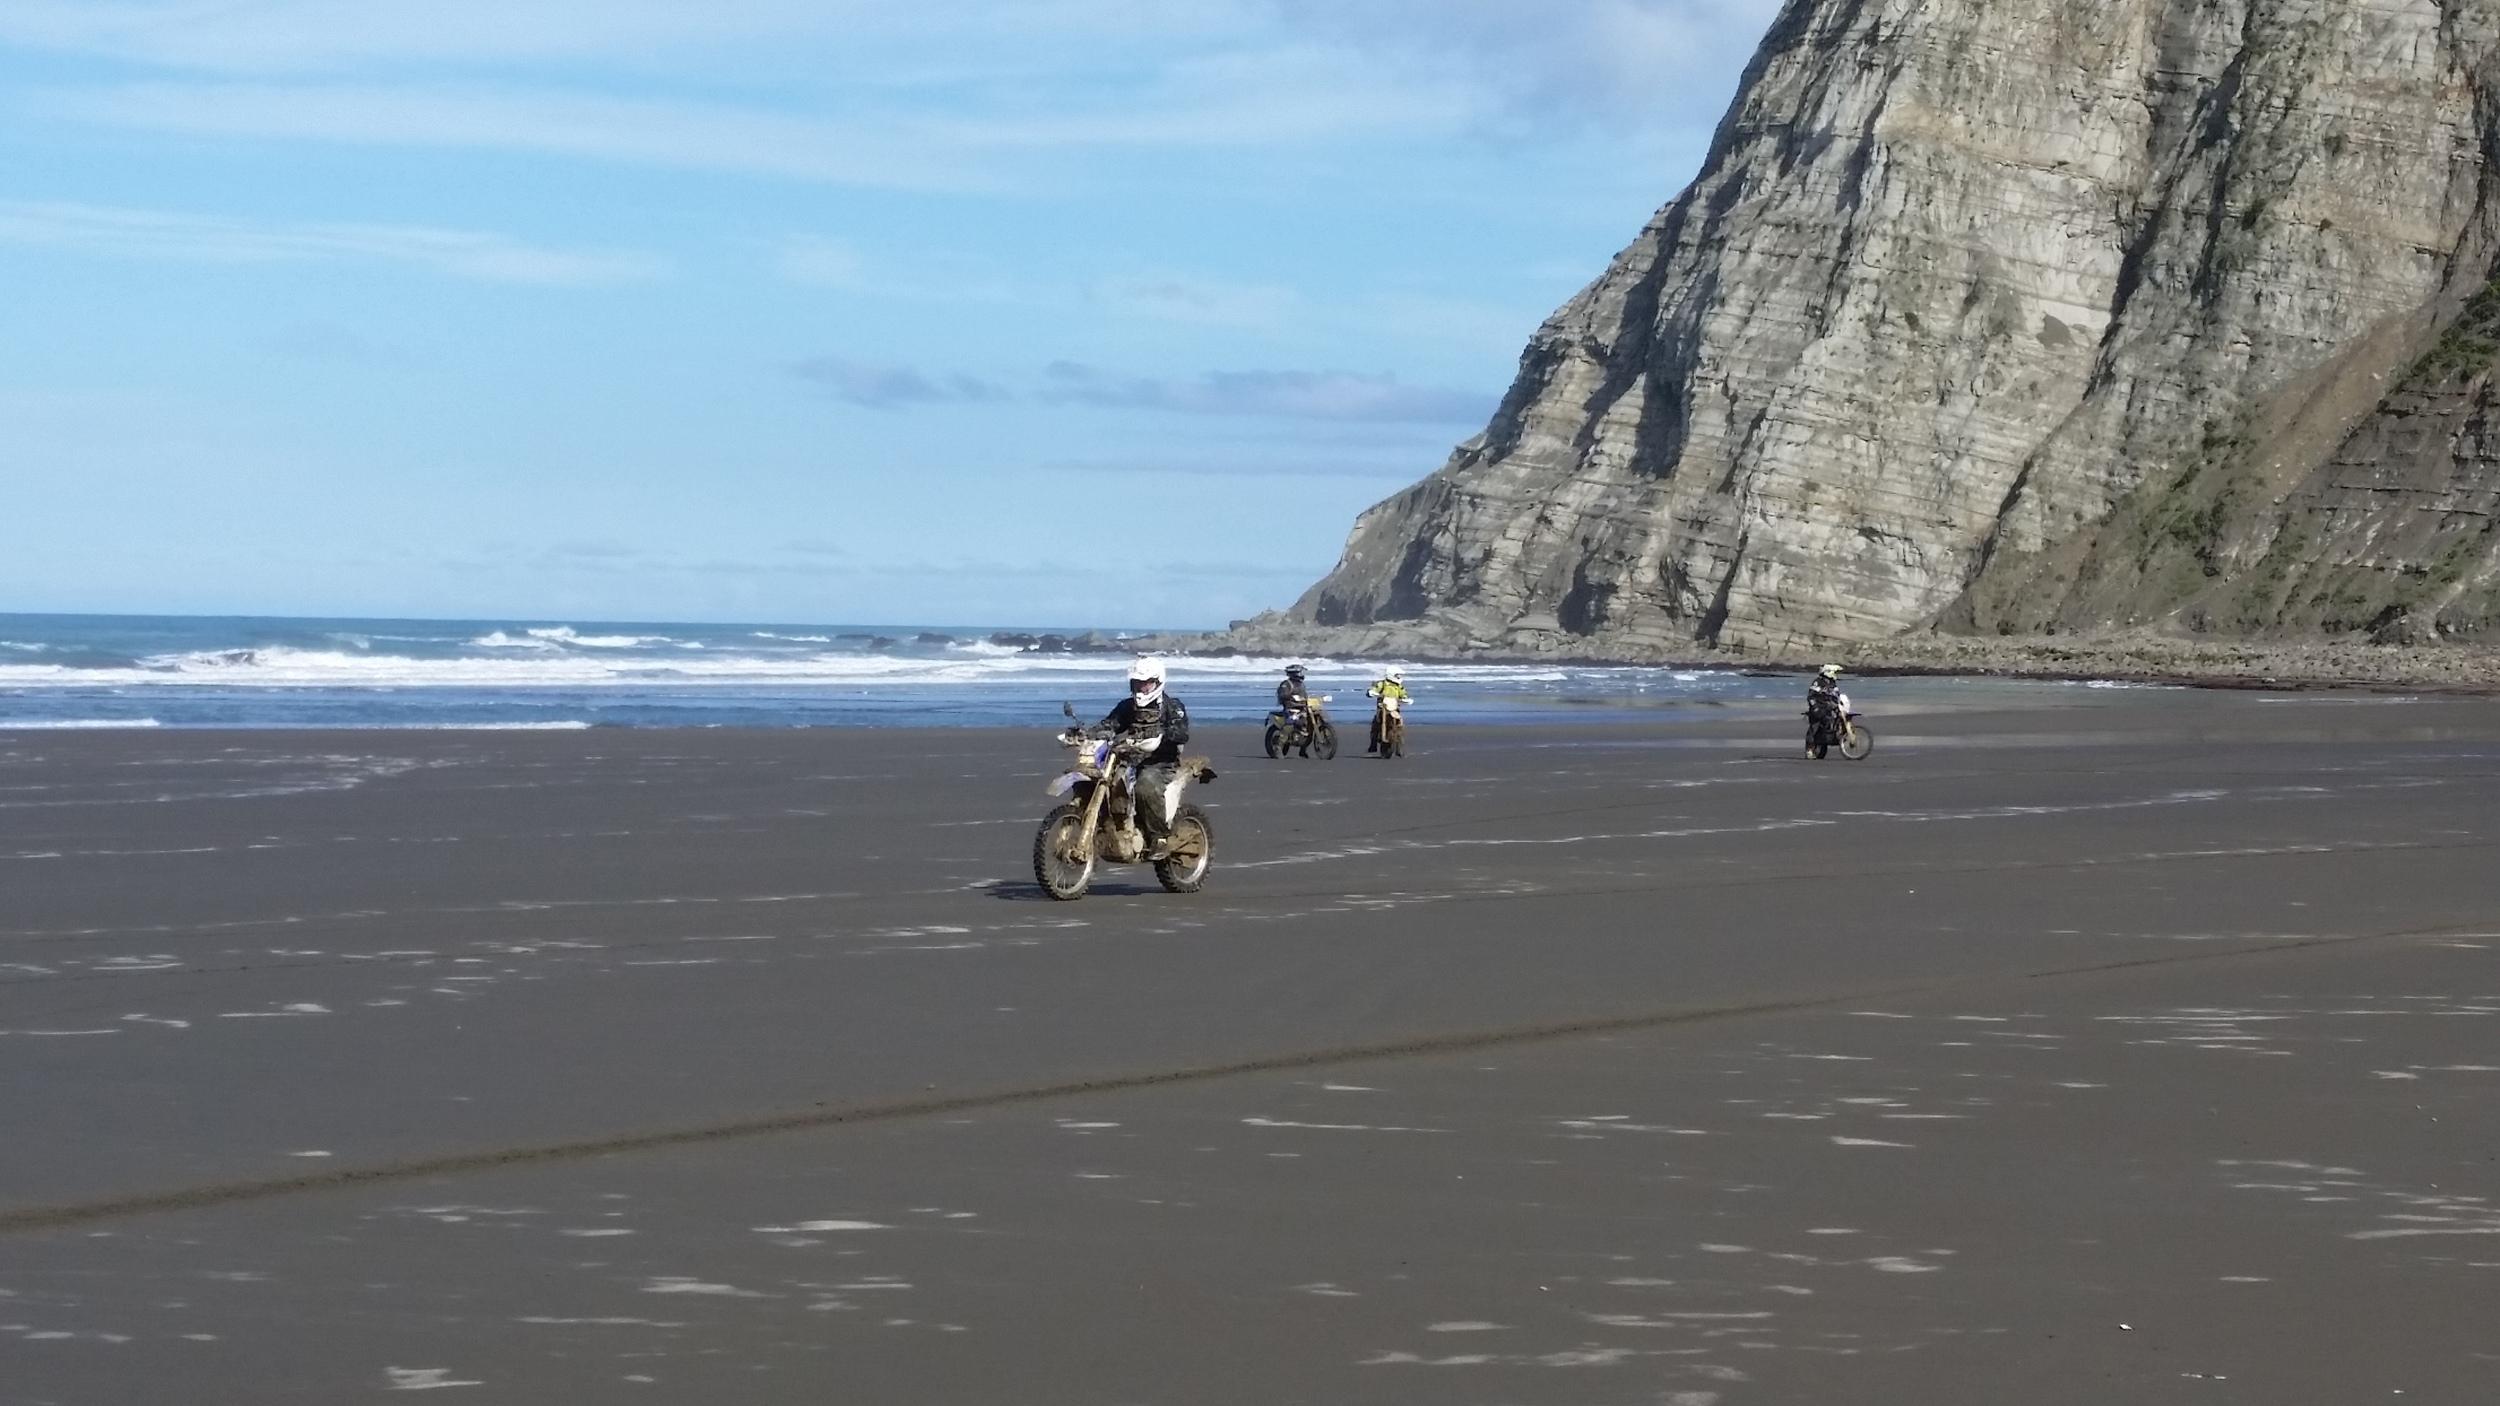 Beach riding on the east coast